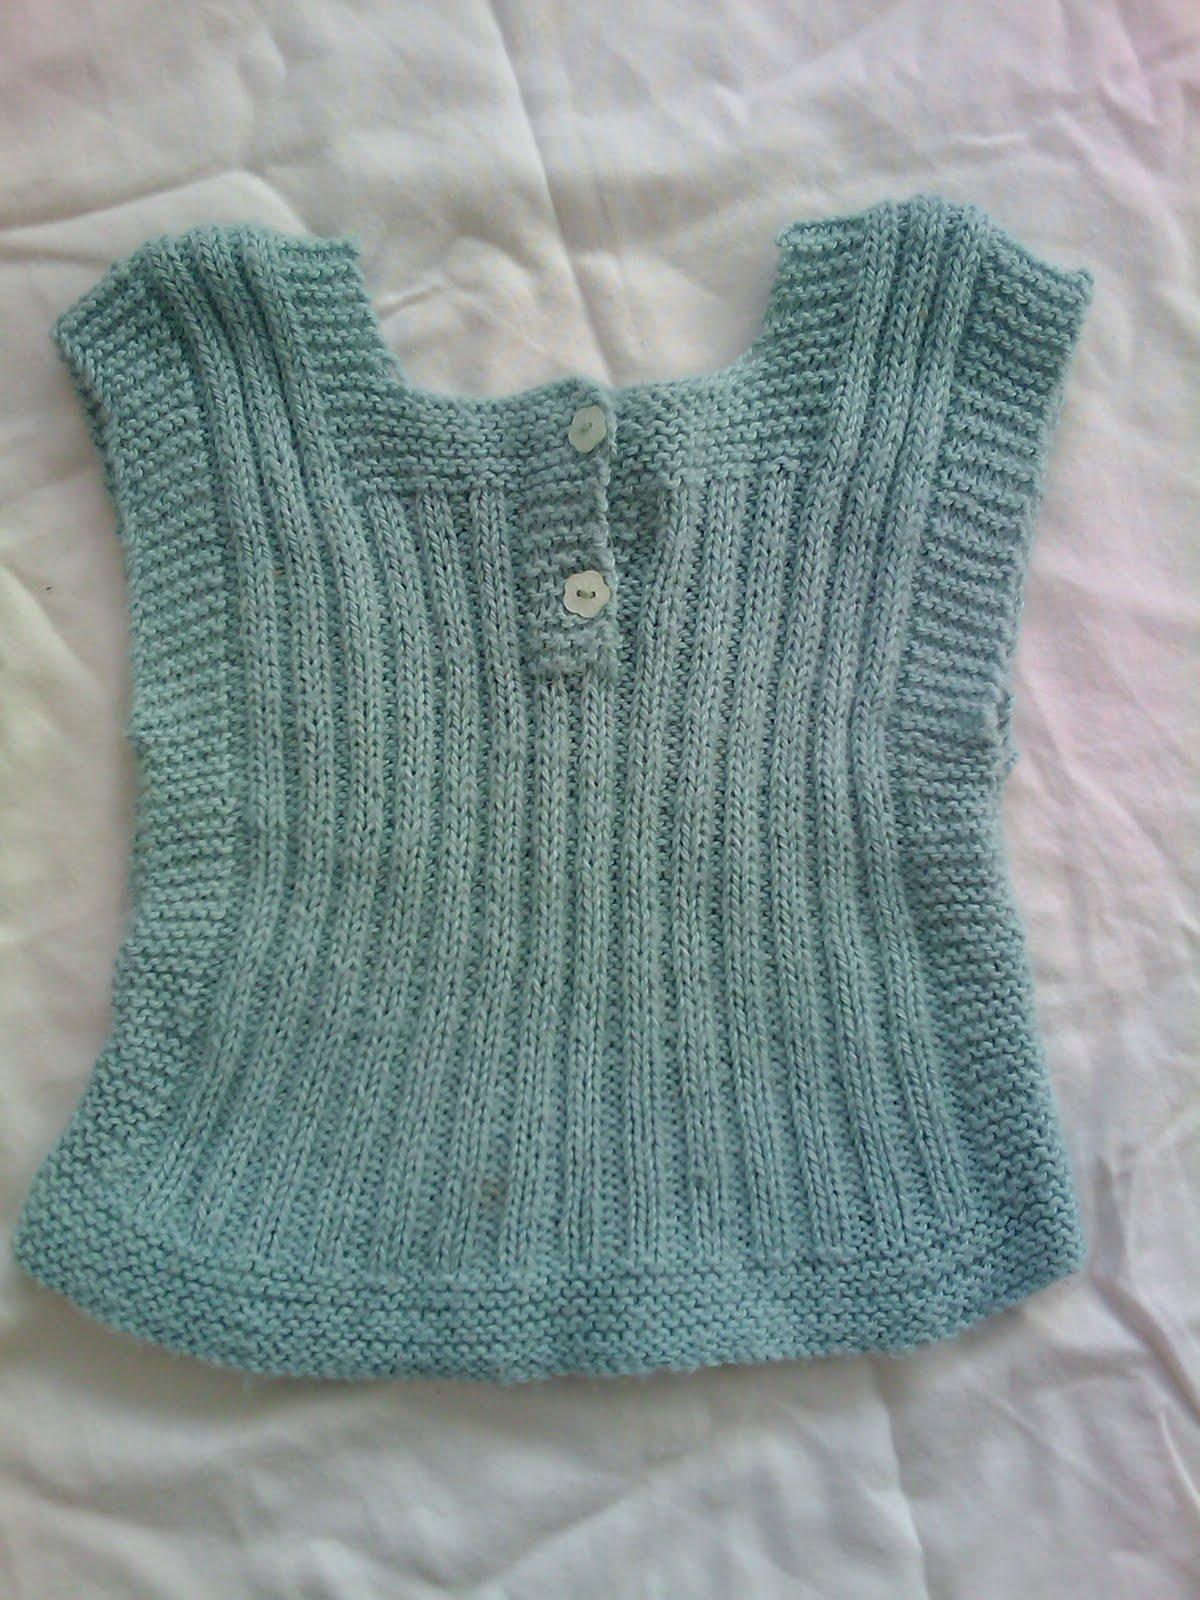 #344C4C Mest effektive Made By Christine: Gamle Tøj Gør Det Selv Projekter Til Amélie Gør Det Selv Projekter 5925 120016005925